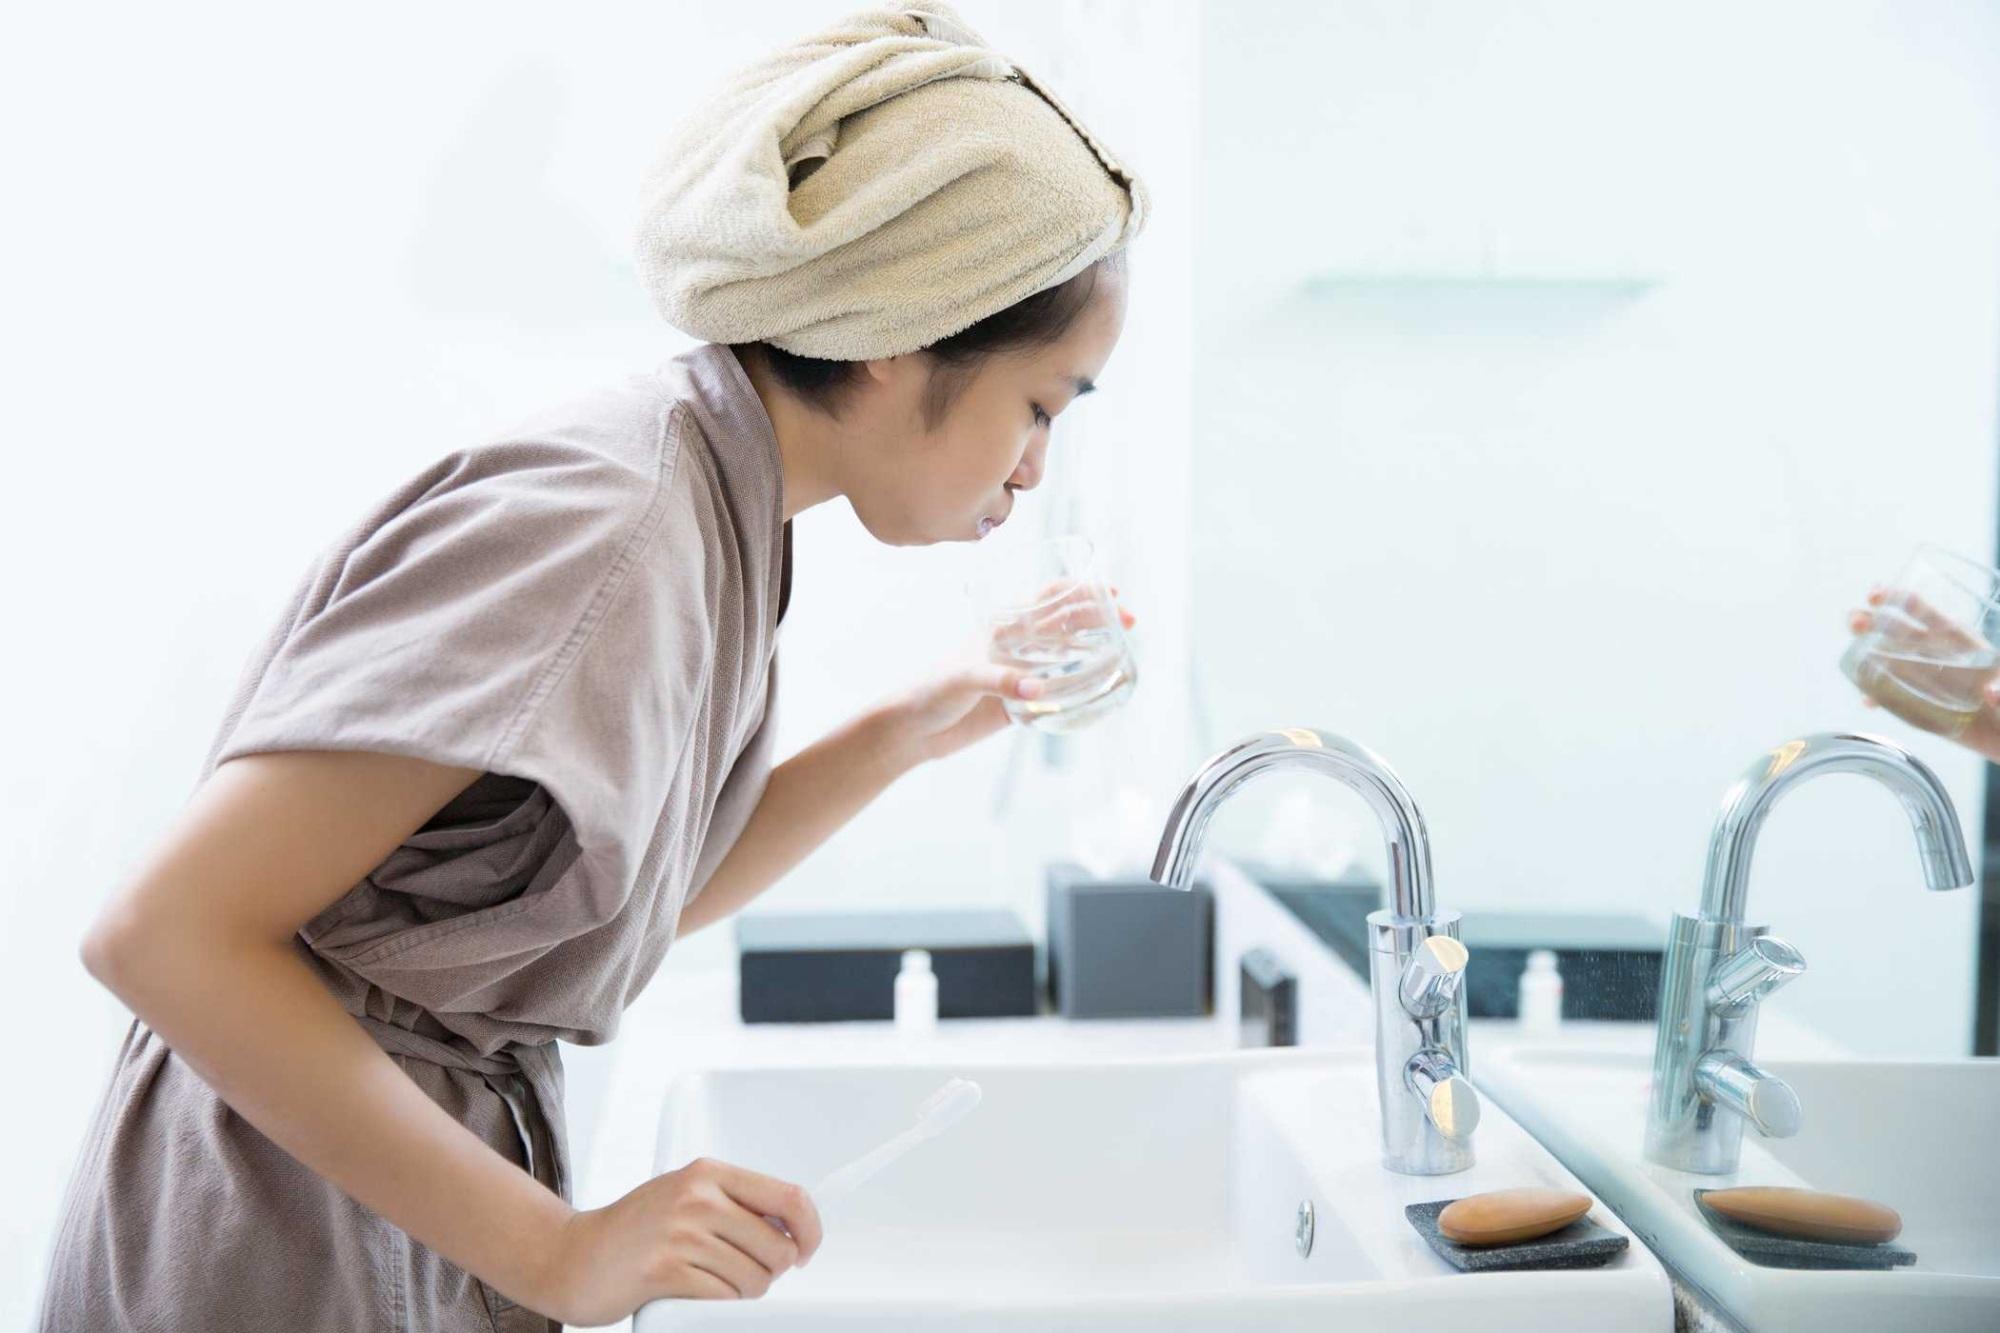 Thói quen súc miệng với nước nhiều mỗi ngày sẽ giúp bạn ngăn ngừa bệnh cảm lạnh rất hiệu quả